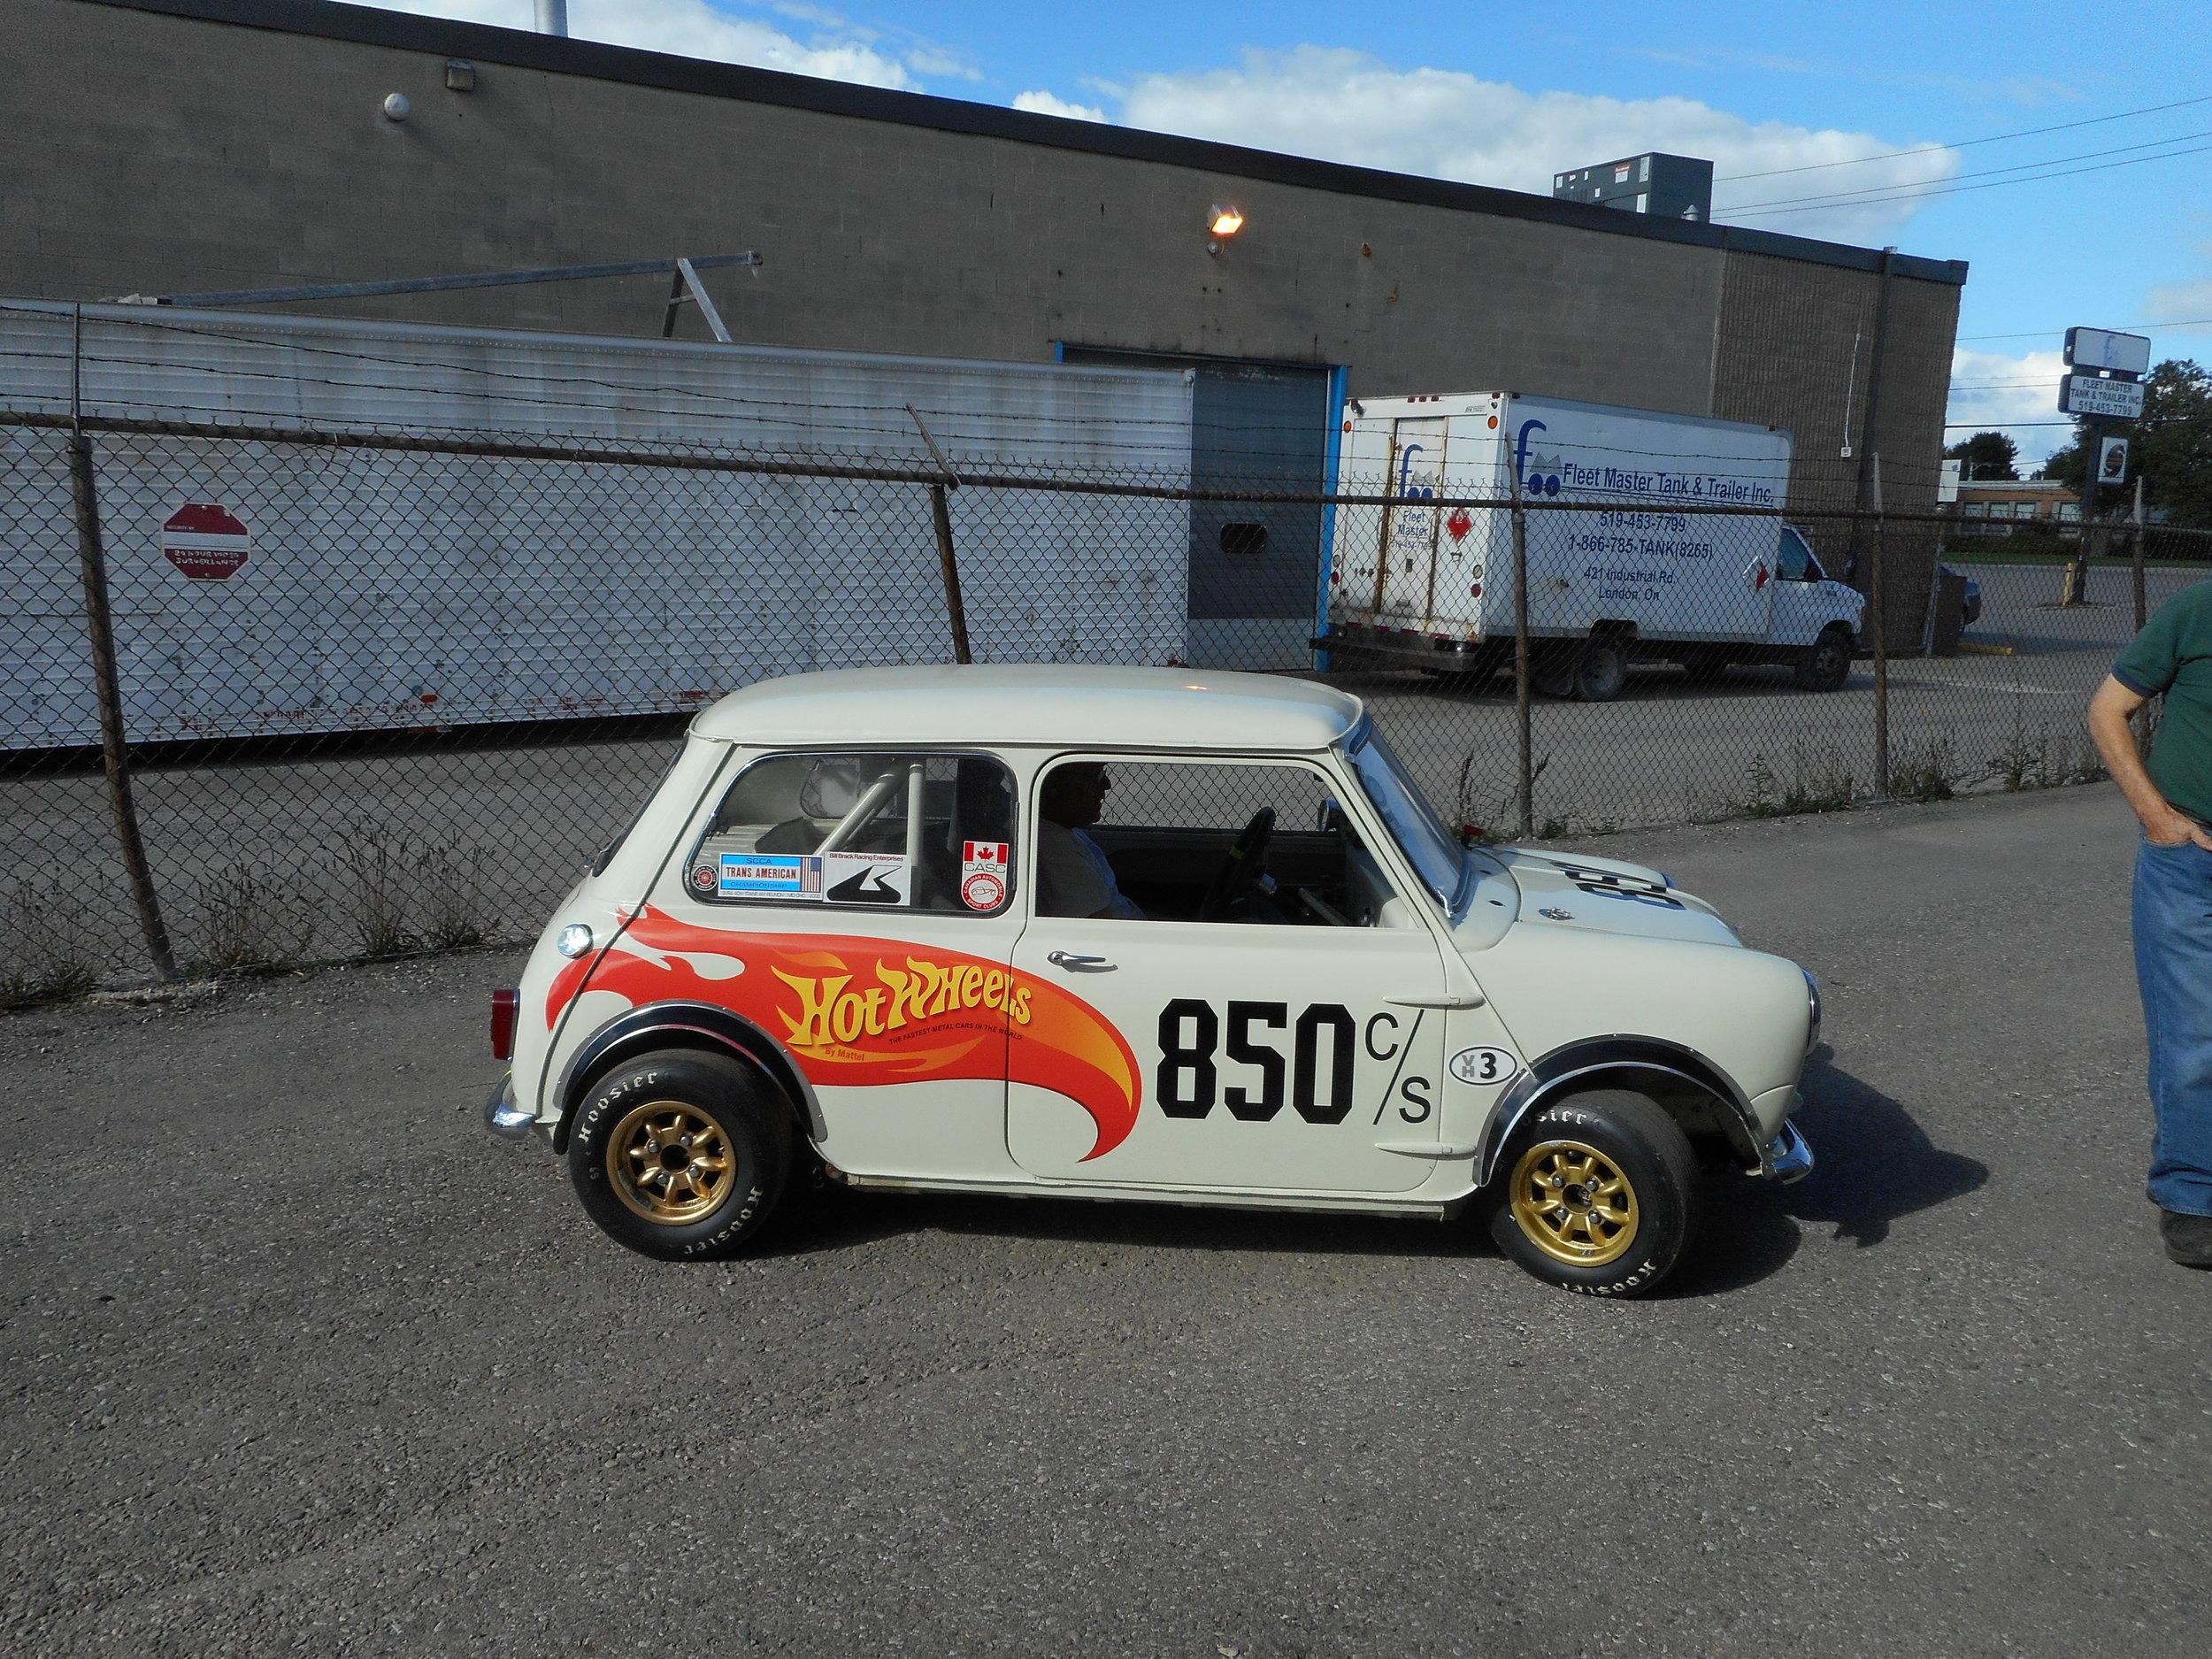 Hot Wheels mini racer.jpg